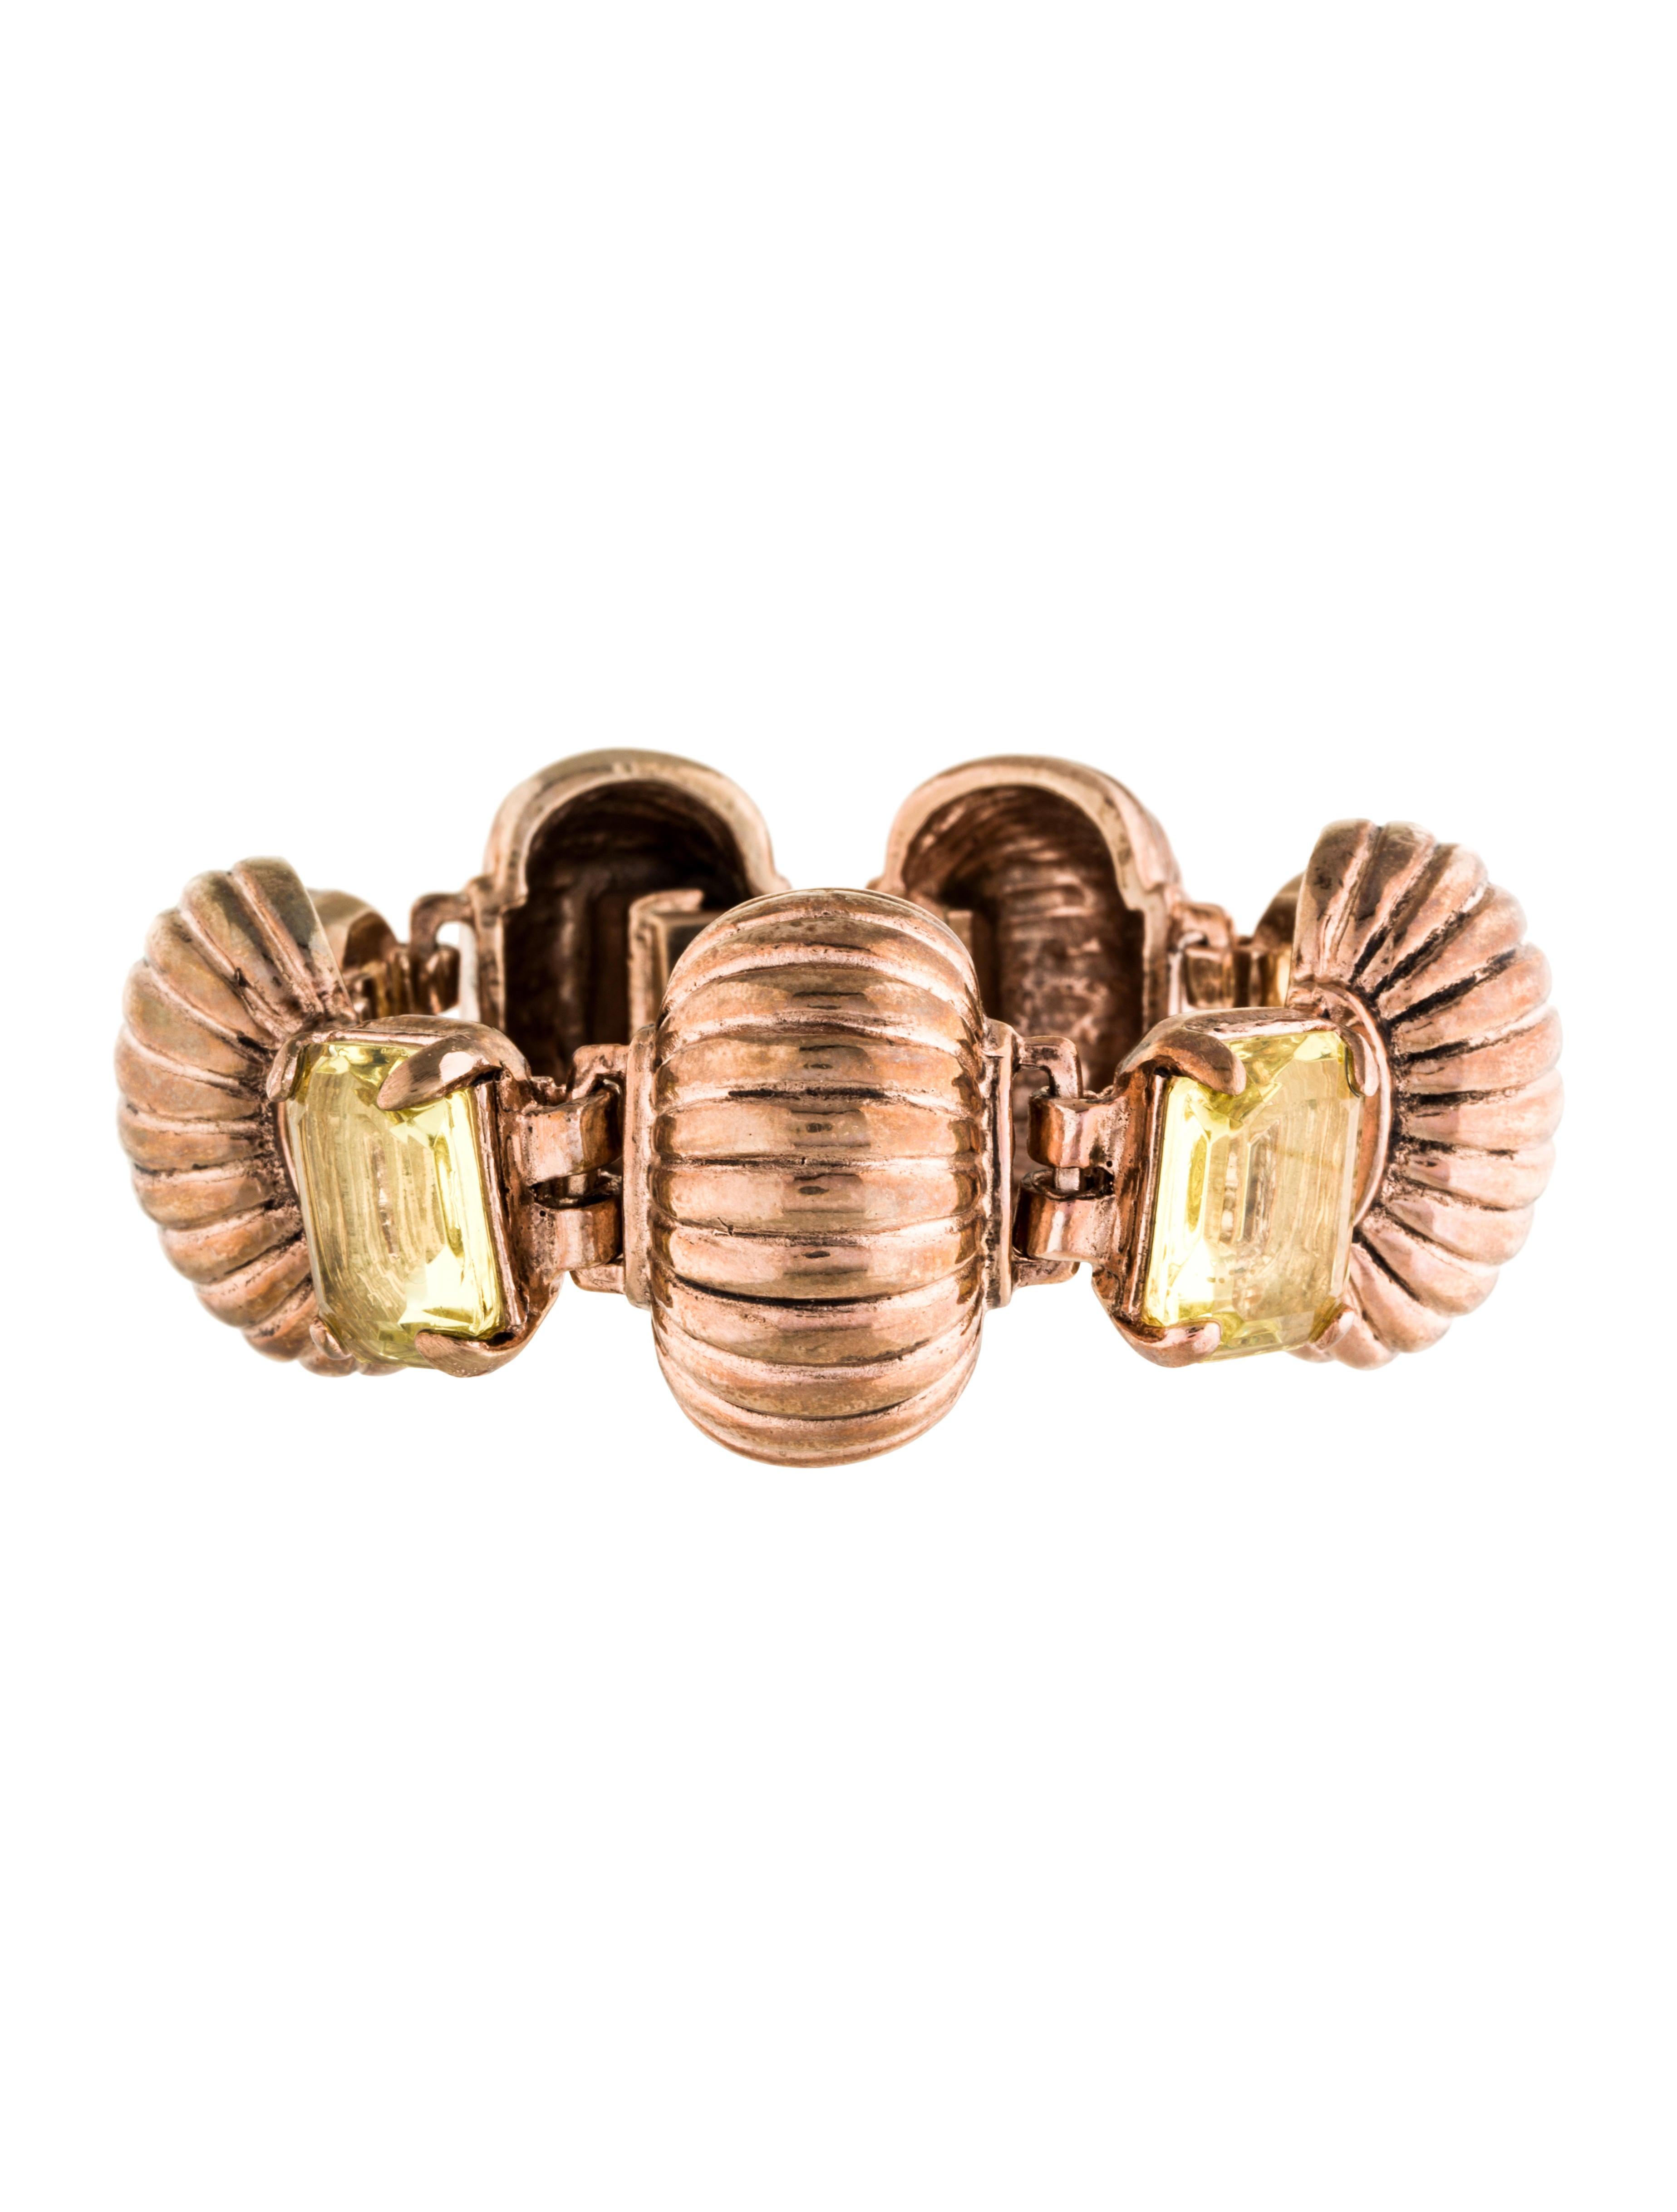 isaac mizrahi jewelry organizer 28 images isaac mizrahi link